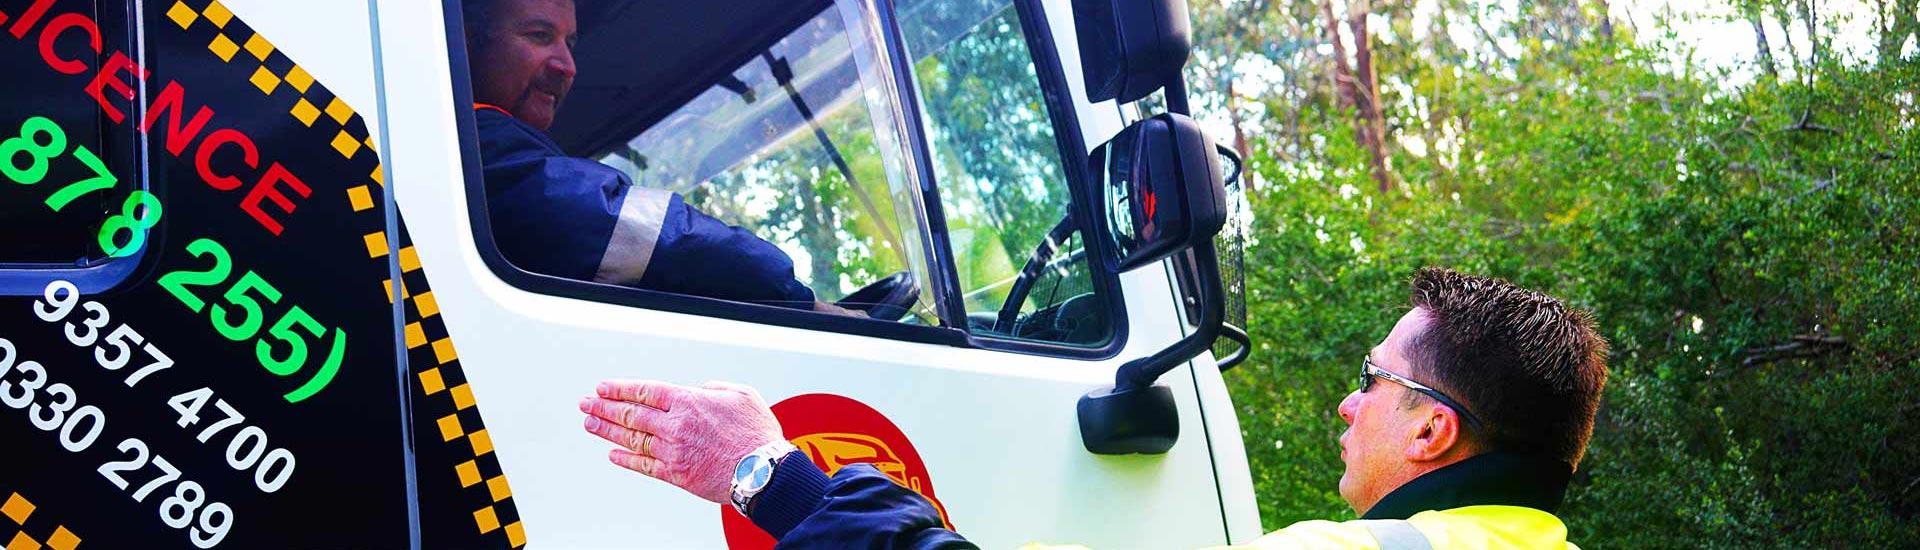 heavy truck driving class